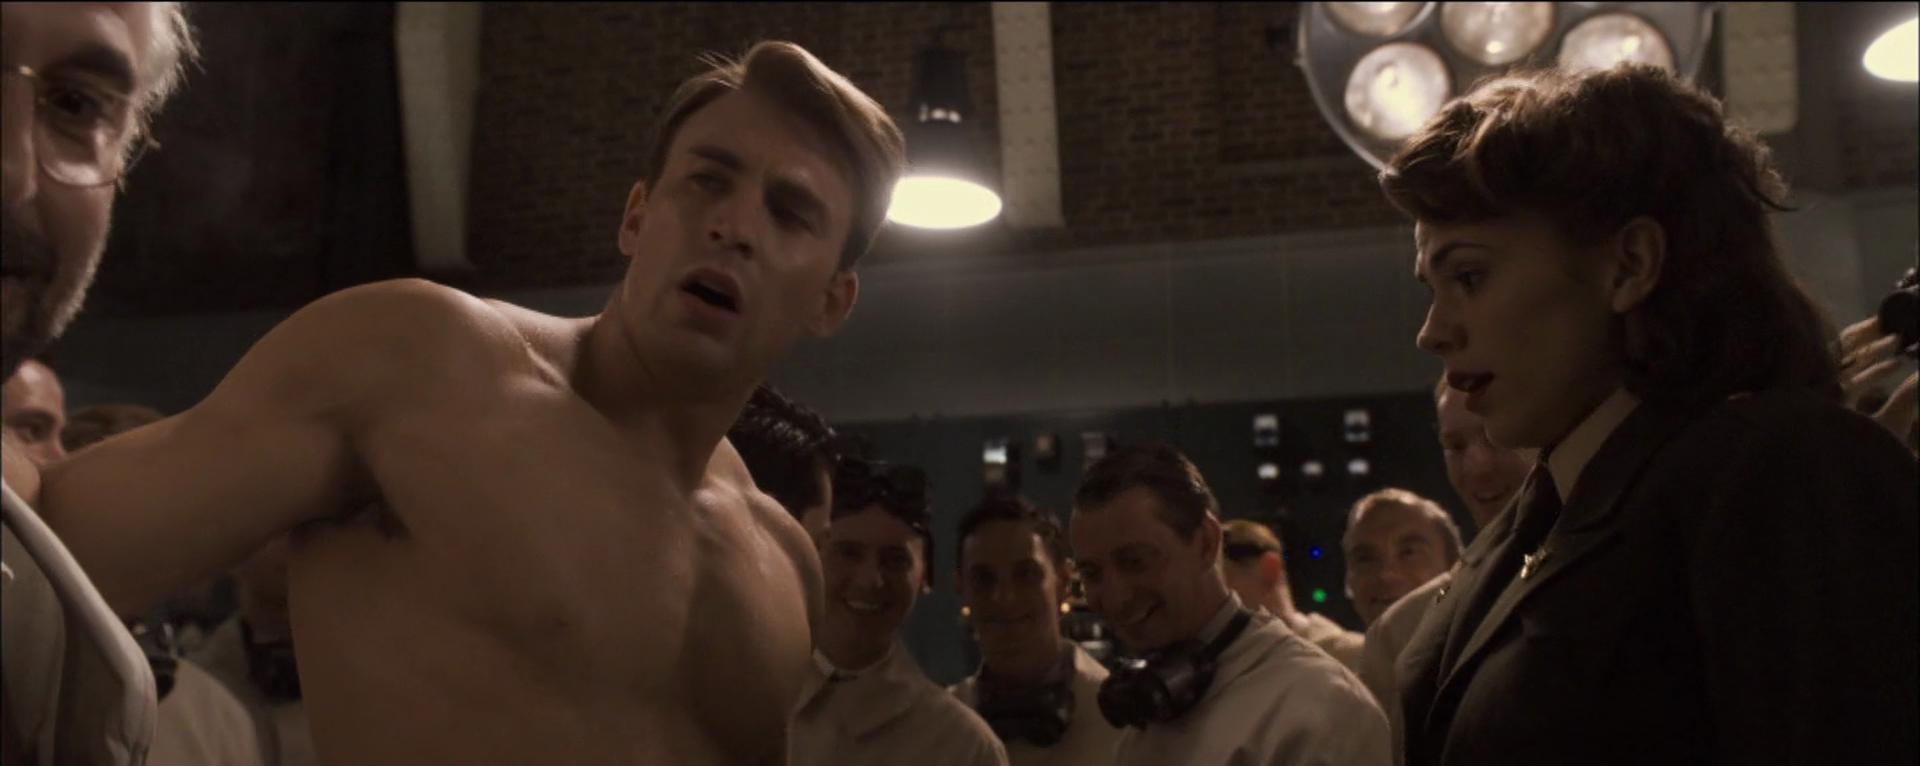 Chris Evans dans Captain America : First Avenger